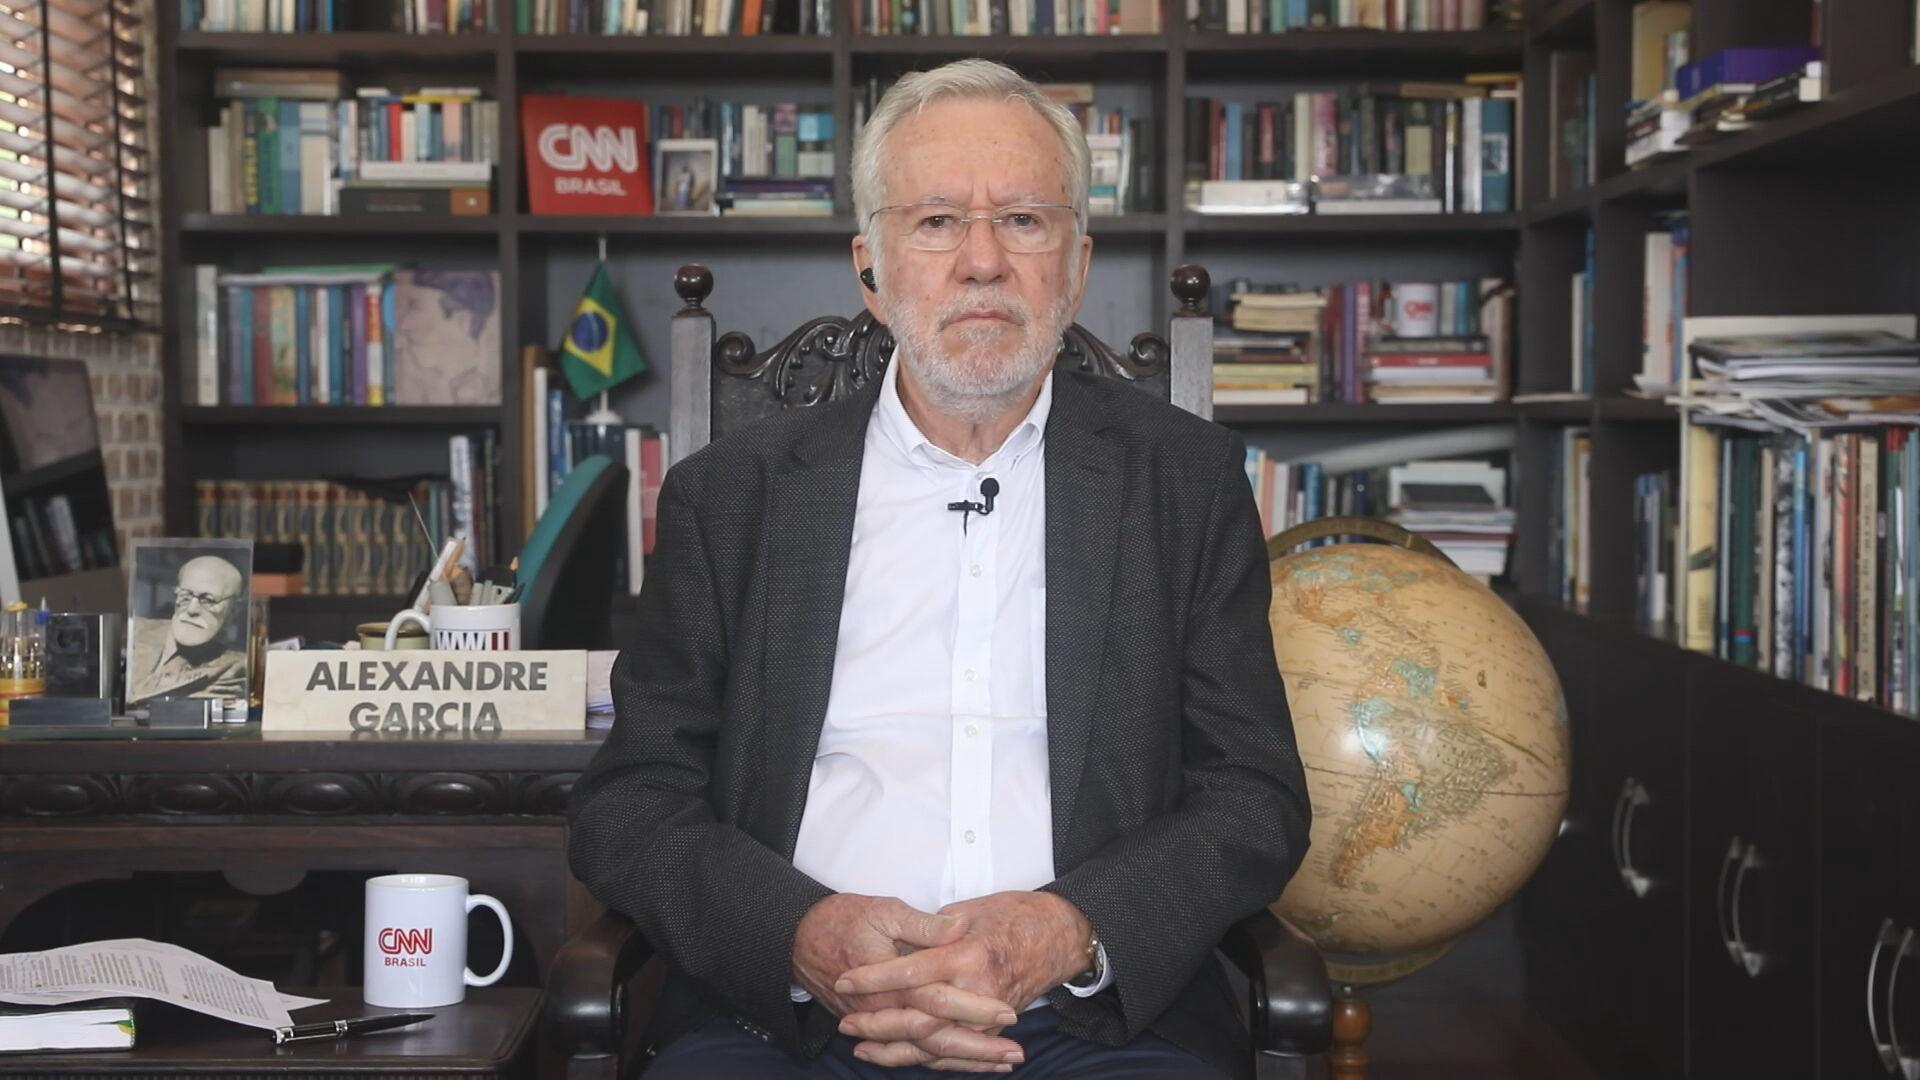 Alexandre Garcia no quadro Liberdade de Opinião (12.jan.2021)